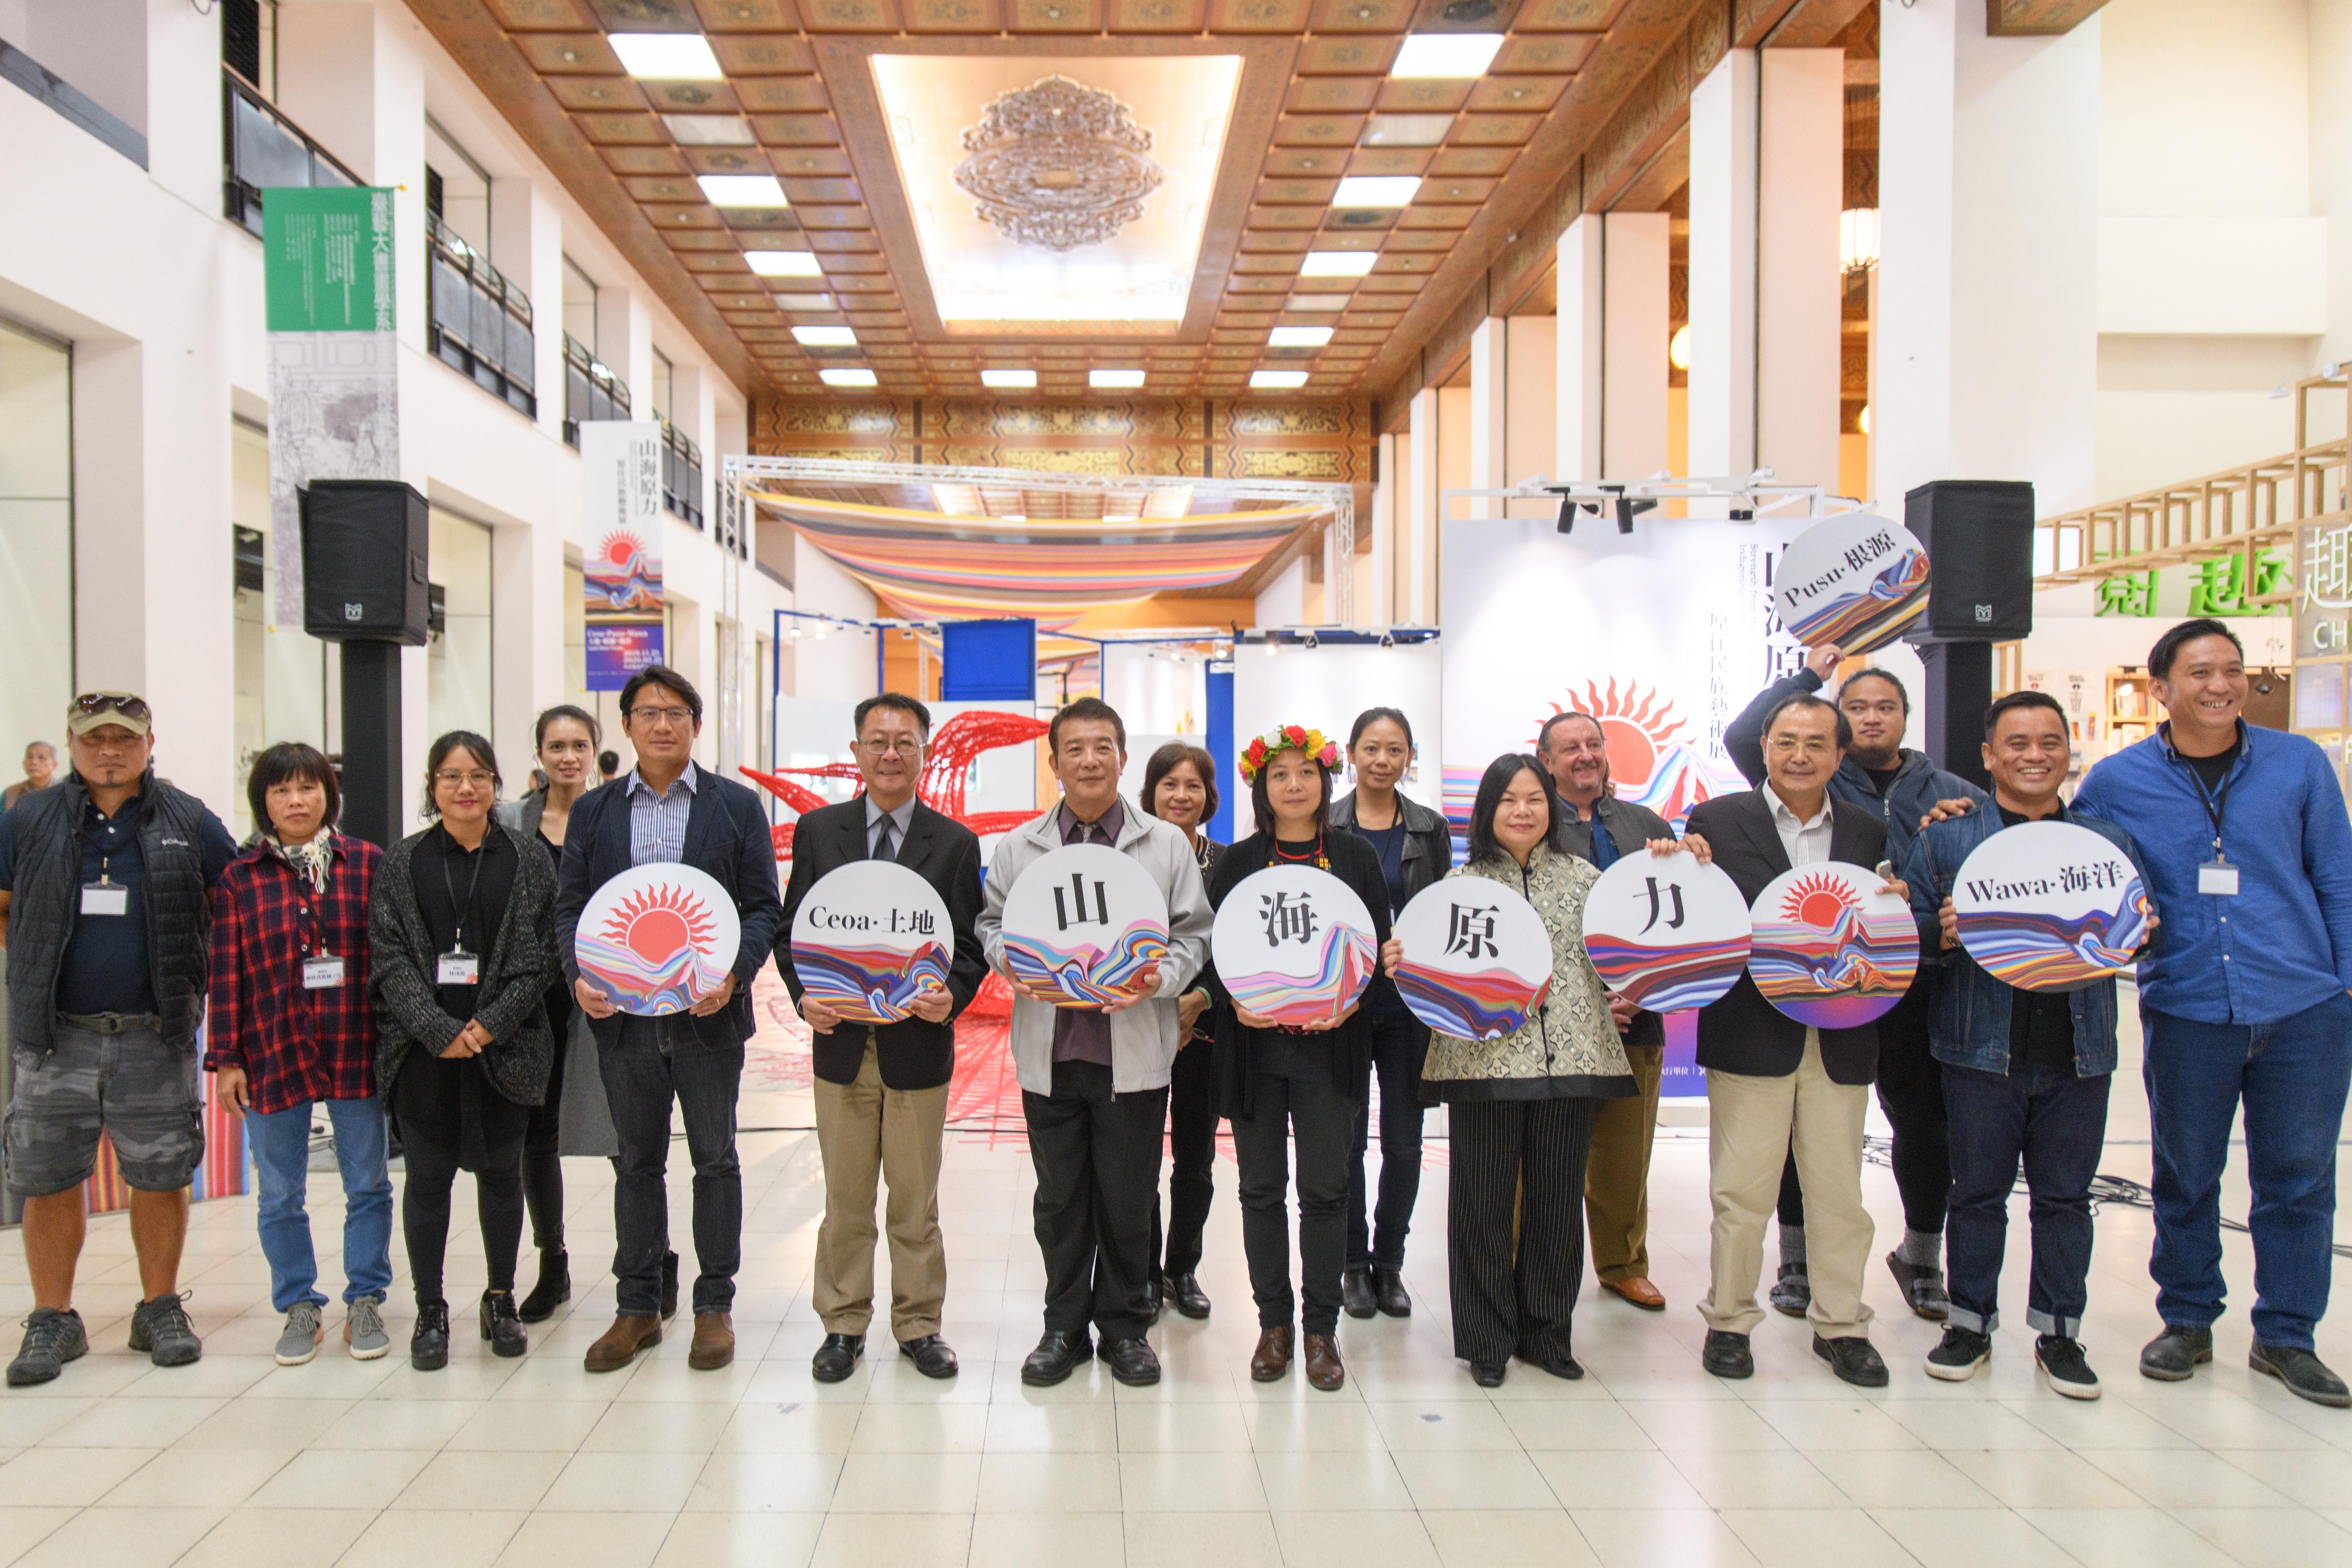 20191121-20200322山海原力—原住民族藝術展開幕式